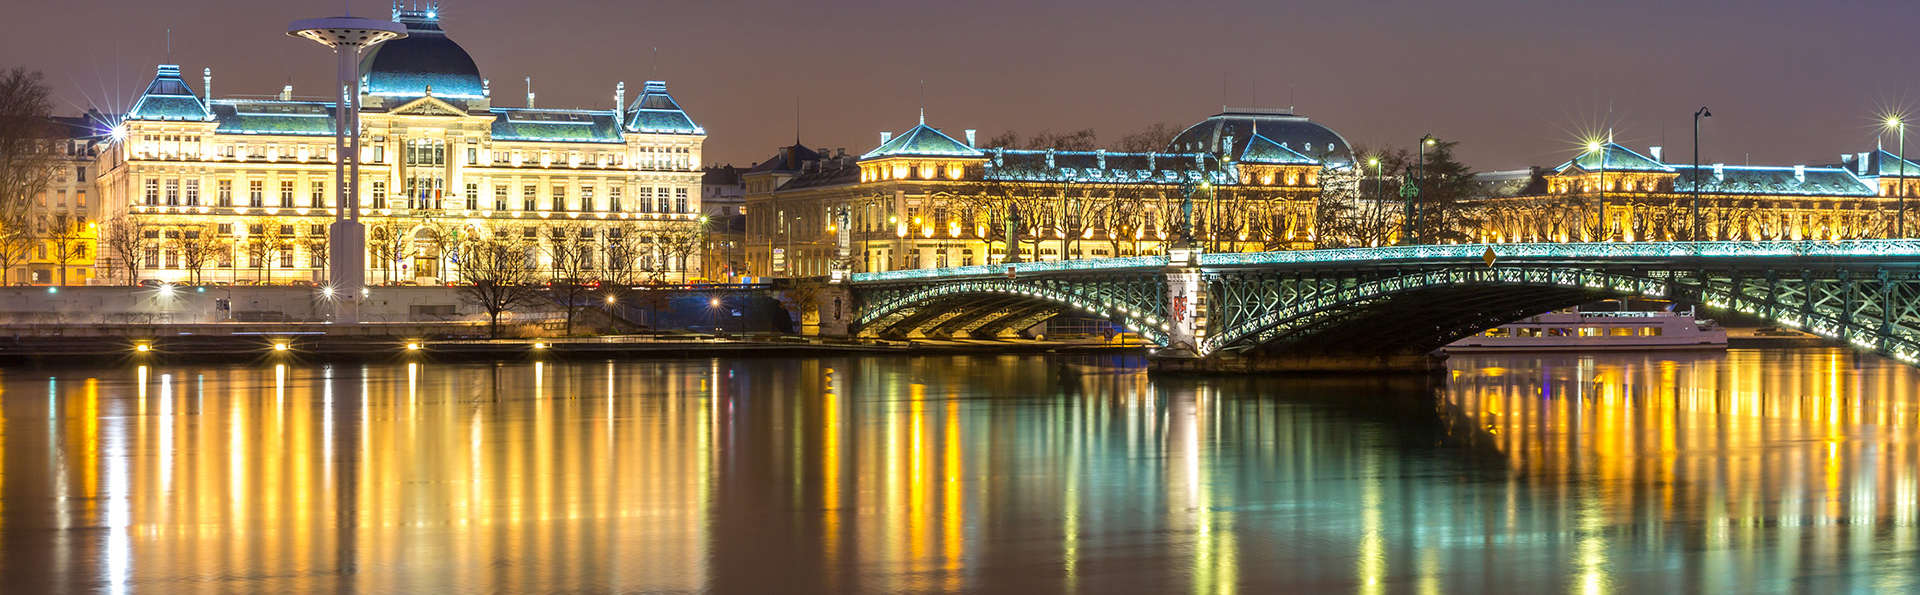 Citytrip dans la ville historique de Lyon